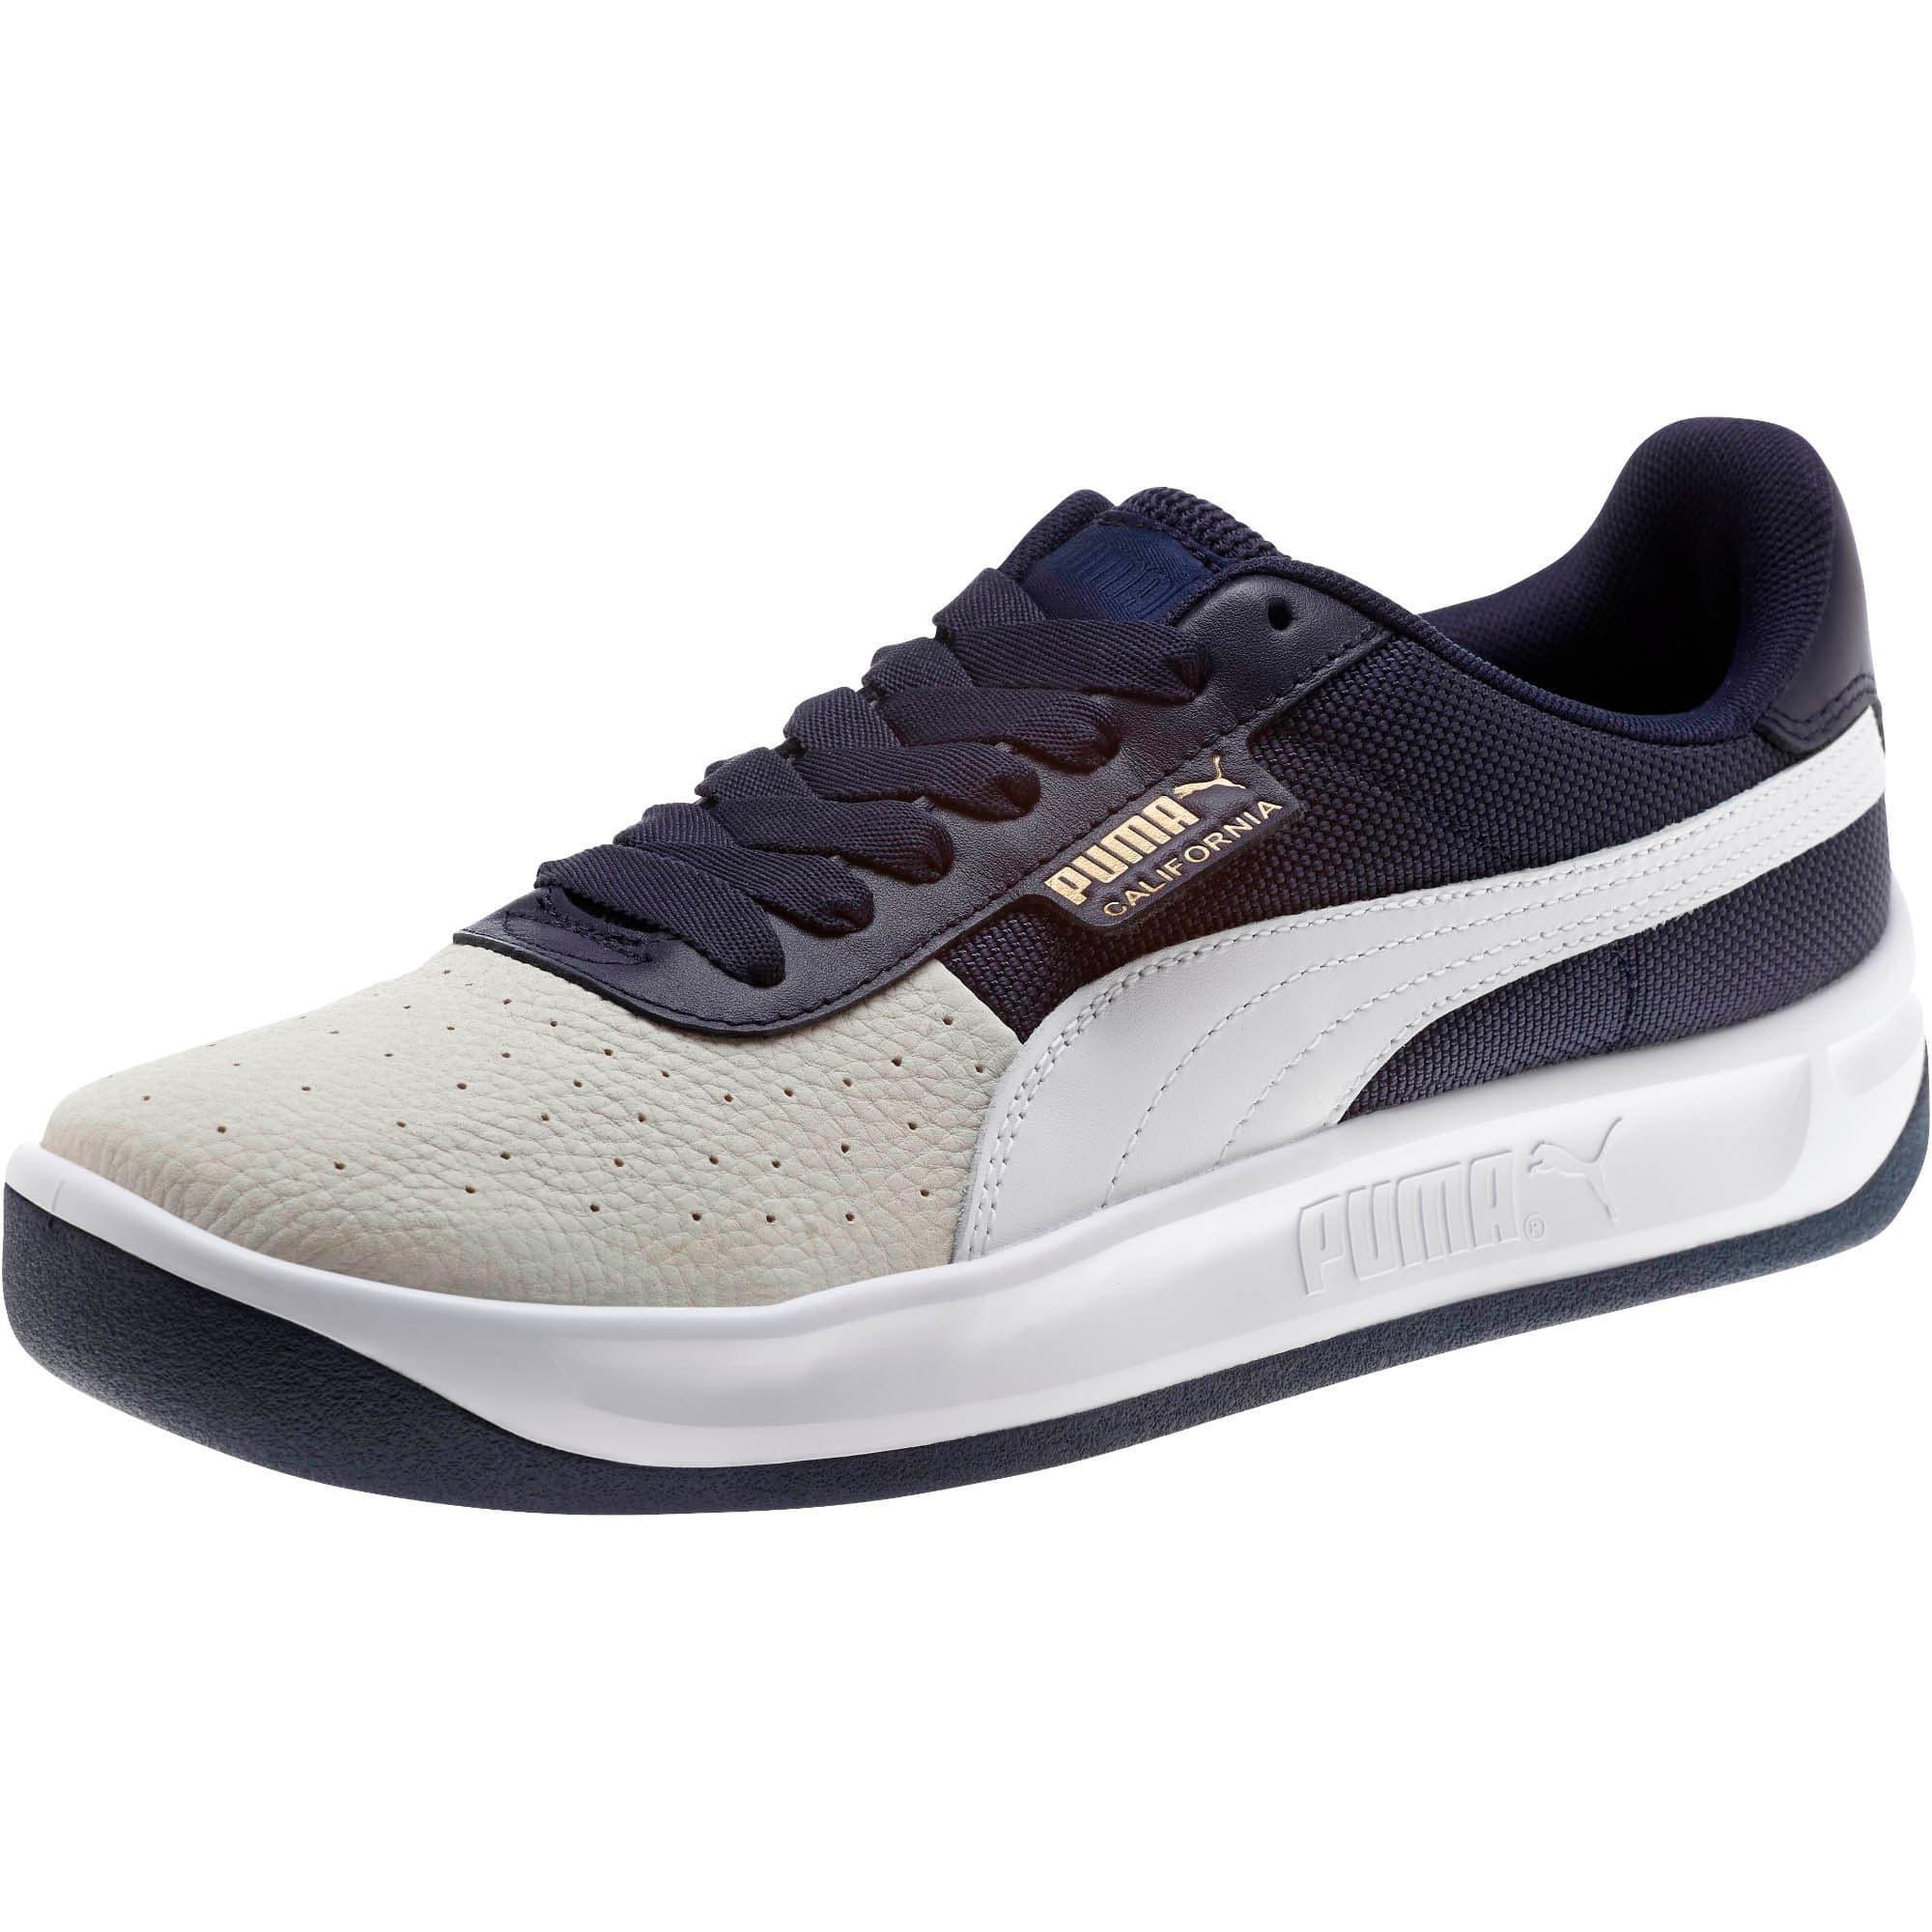 Thumbnail 1 of California Sneakers, Glacier Gray-Peacoat-PumaWht, medium